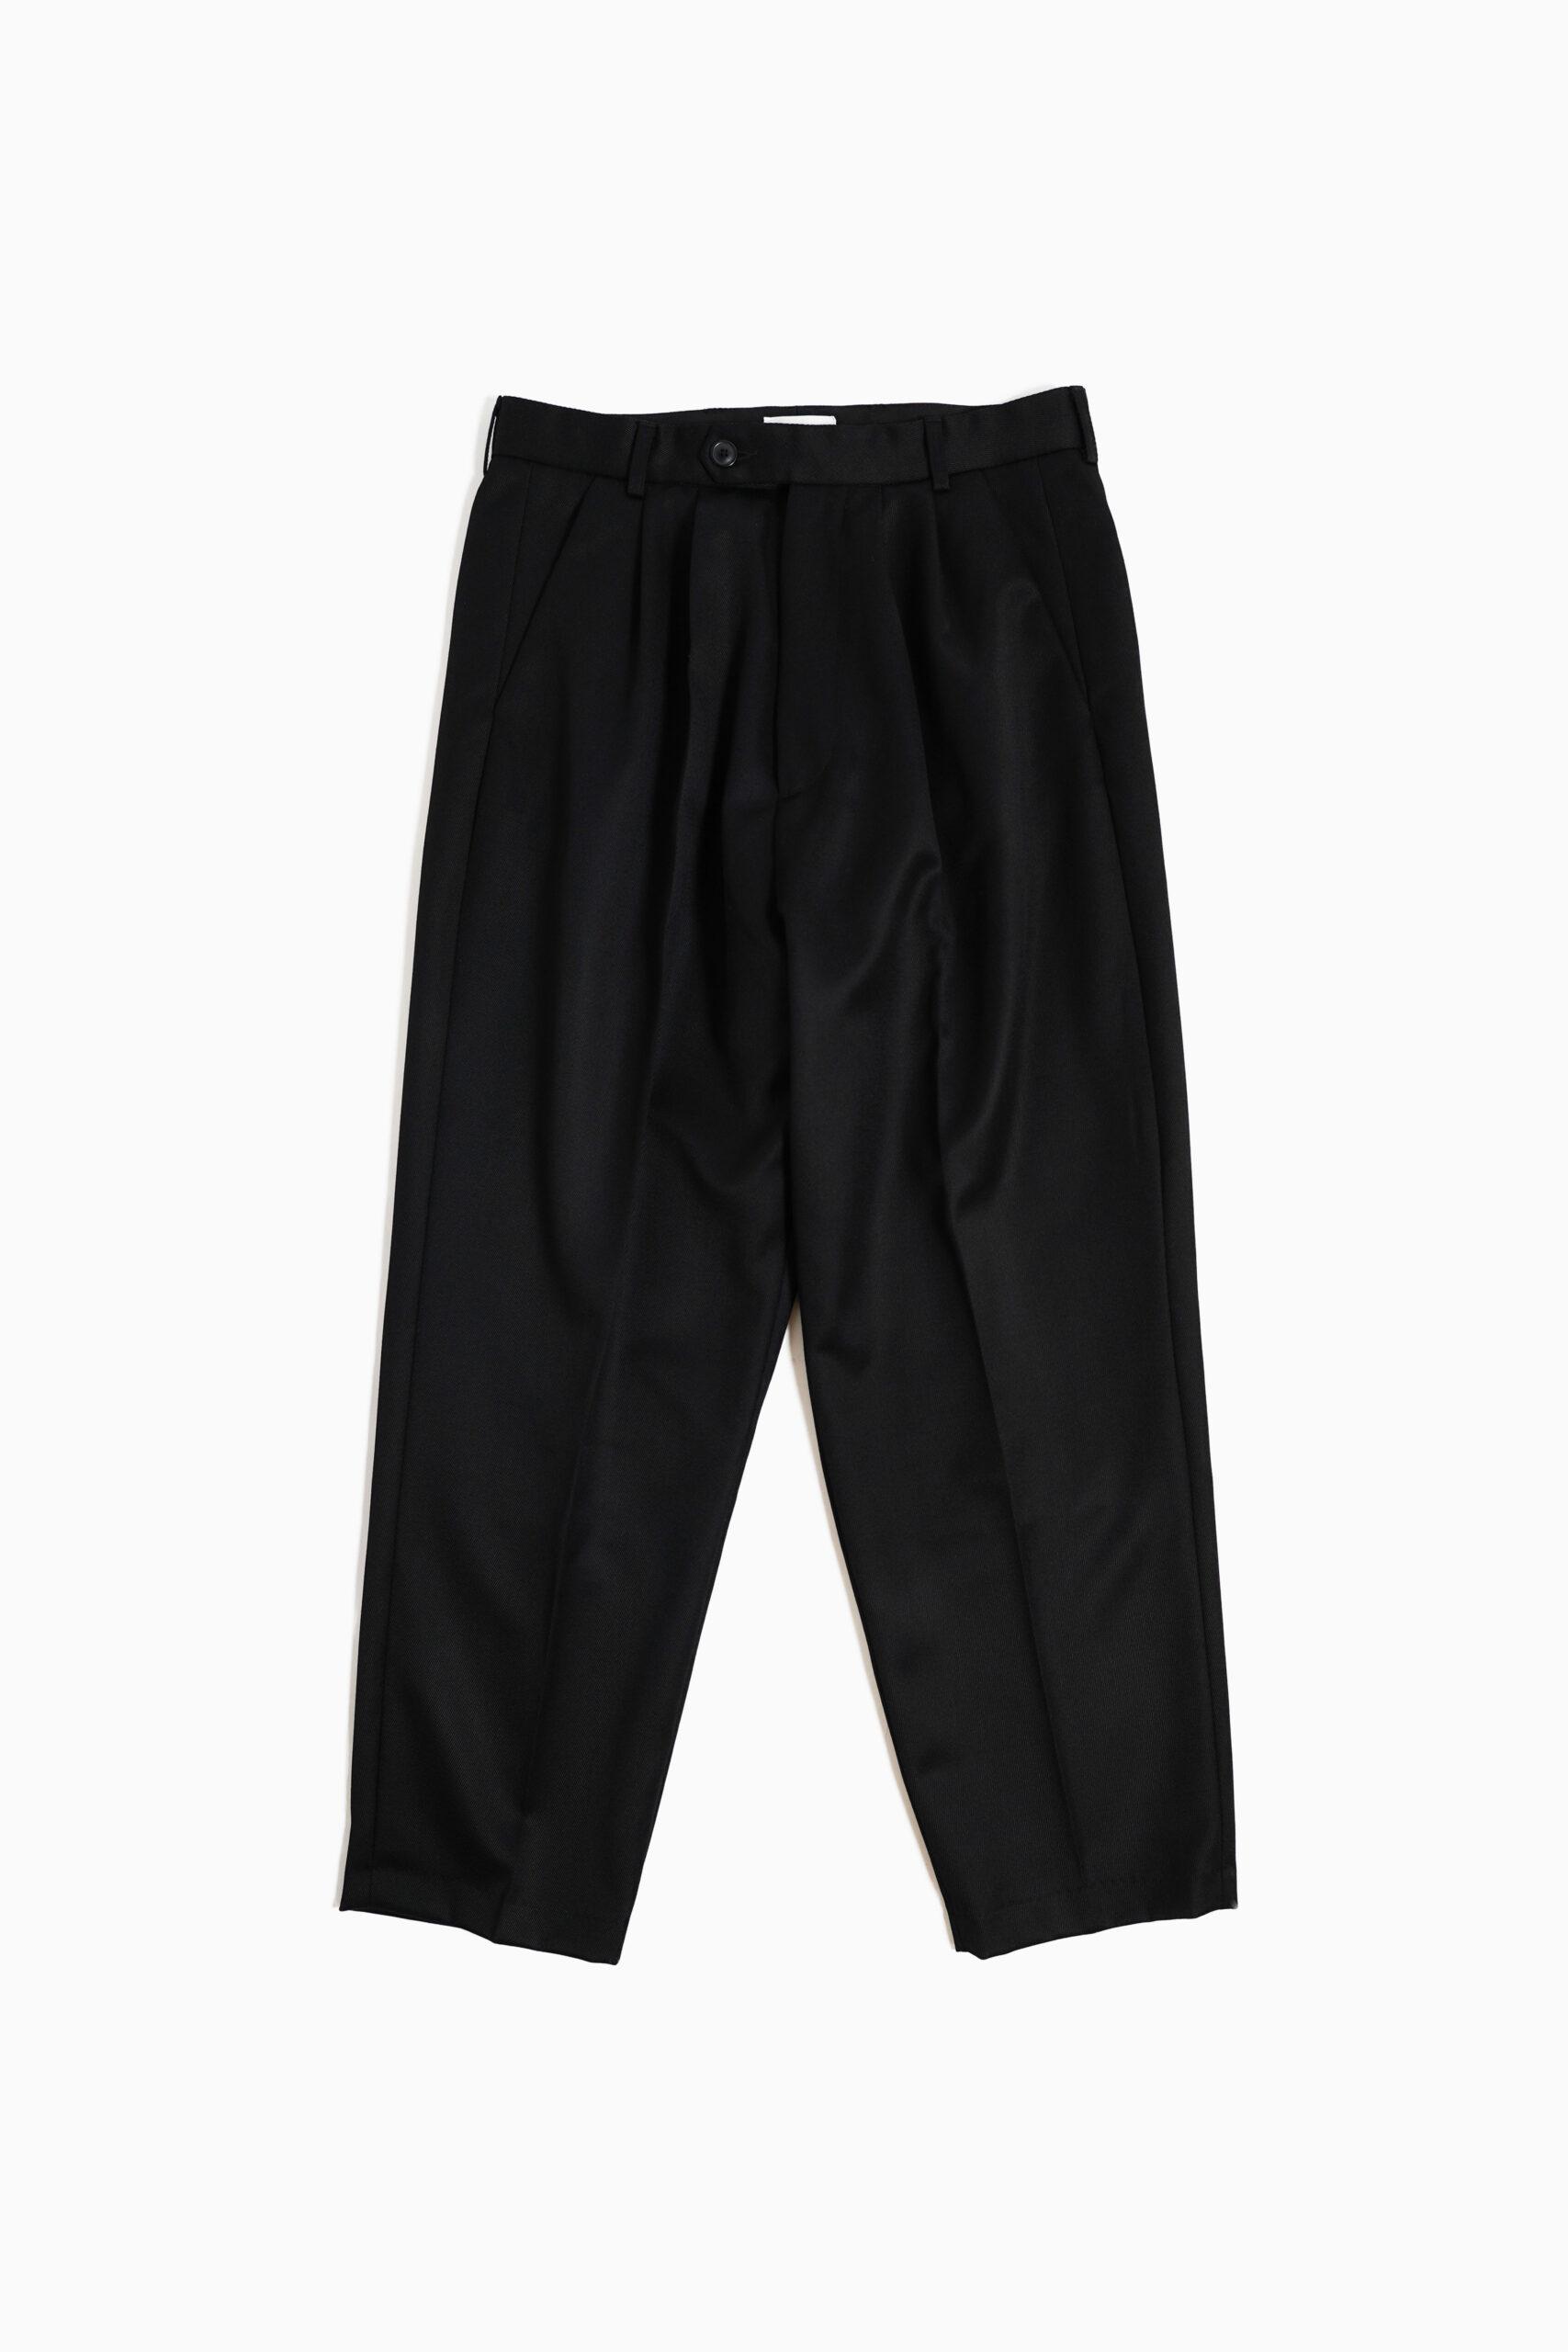 WIDE PANTS BLACK